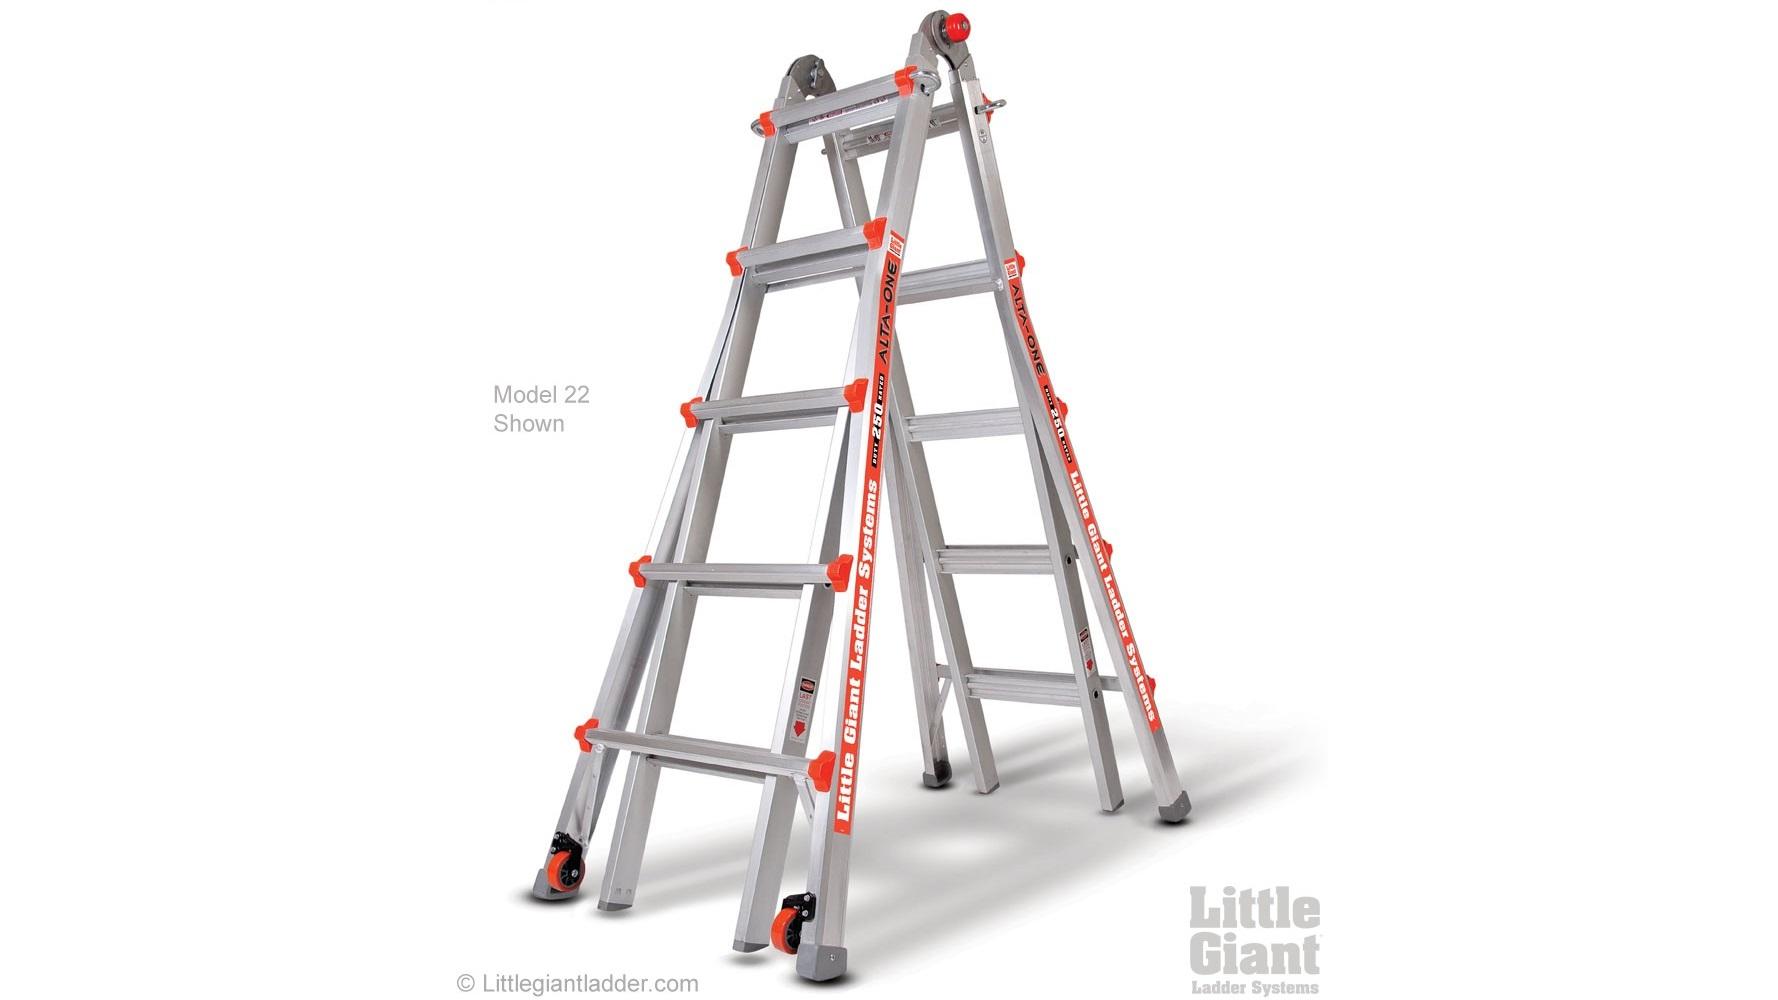 Little Giant Alta-One #22 Ladder